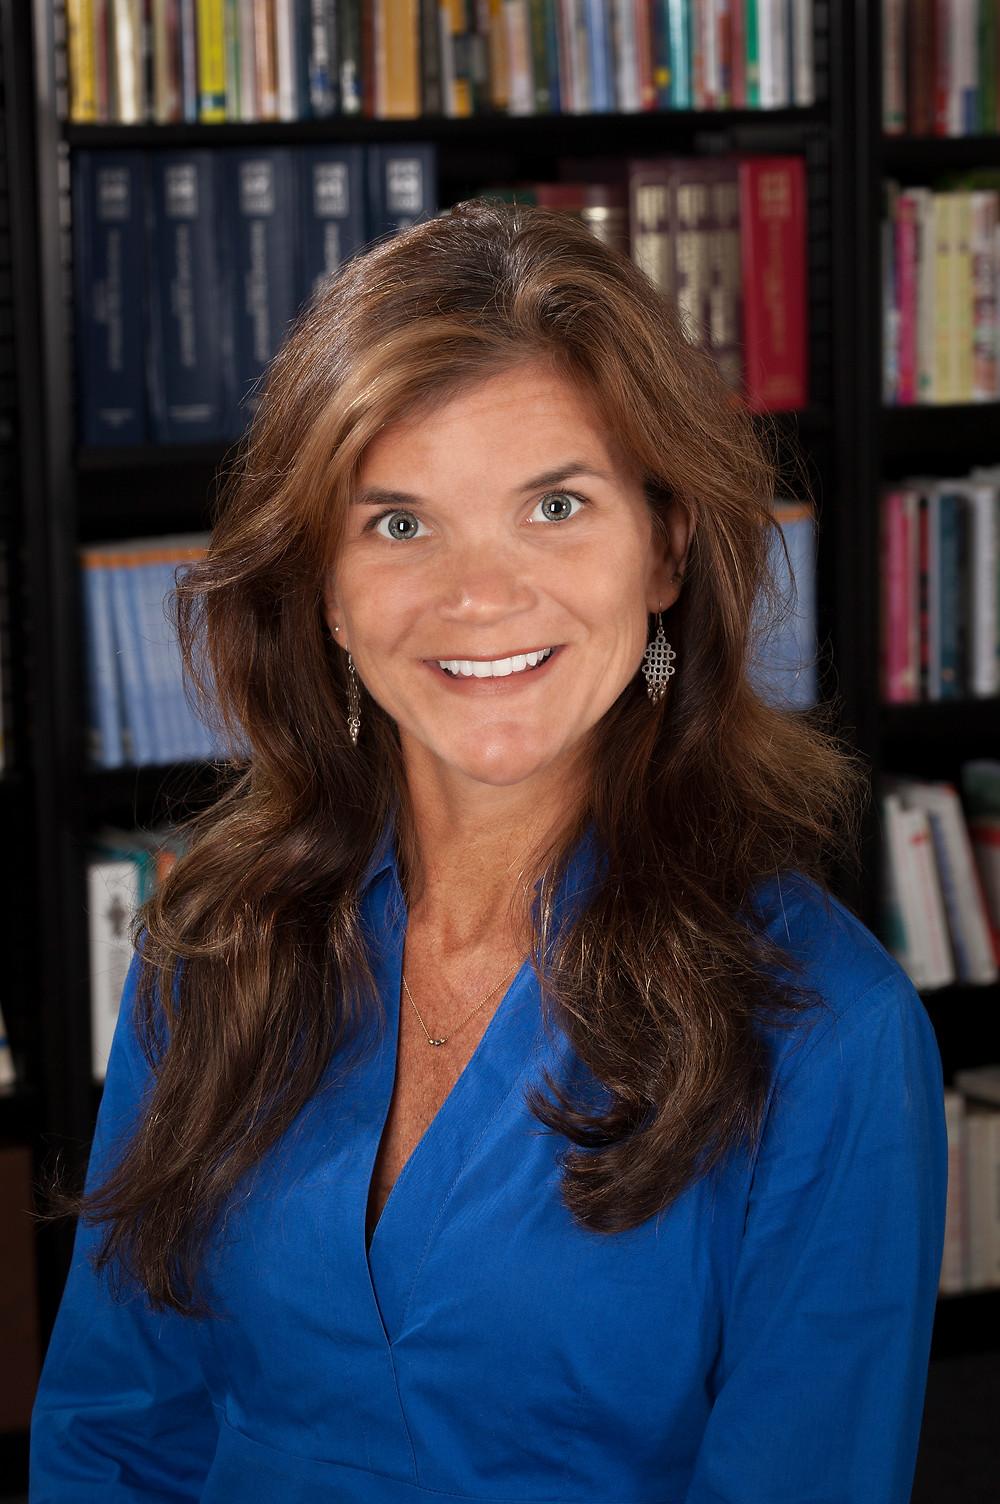 Susan Levin, M.S., R.D., C.S.S.D.